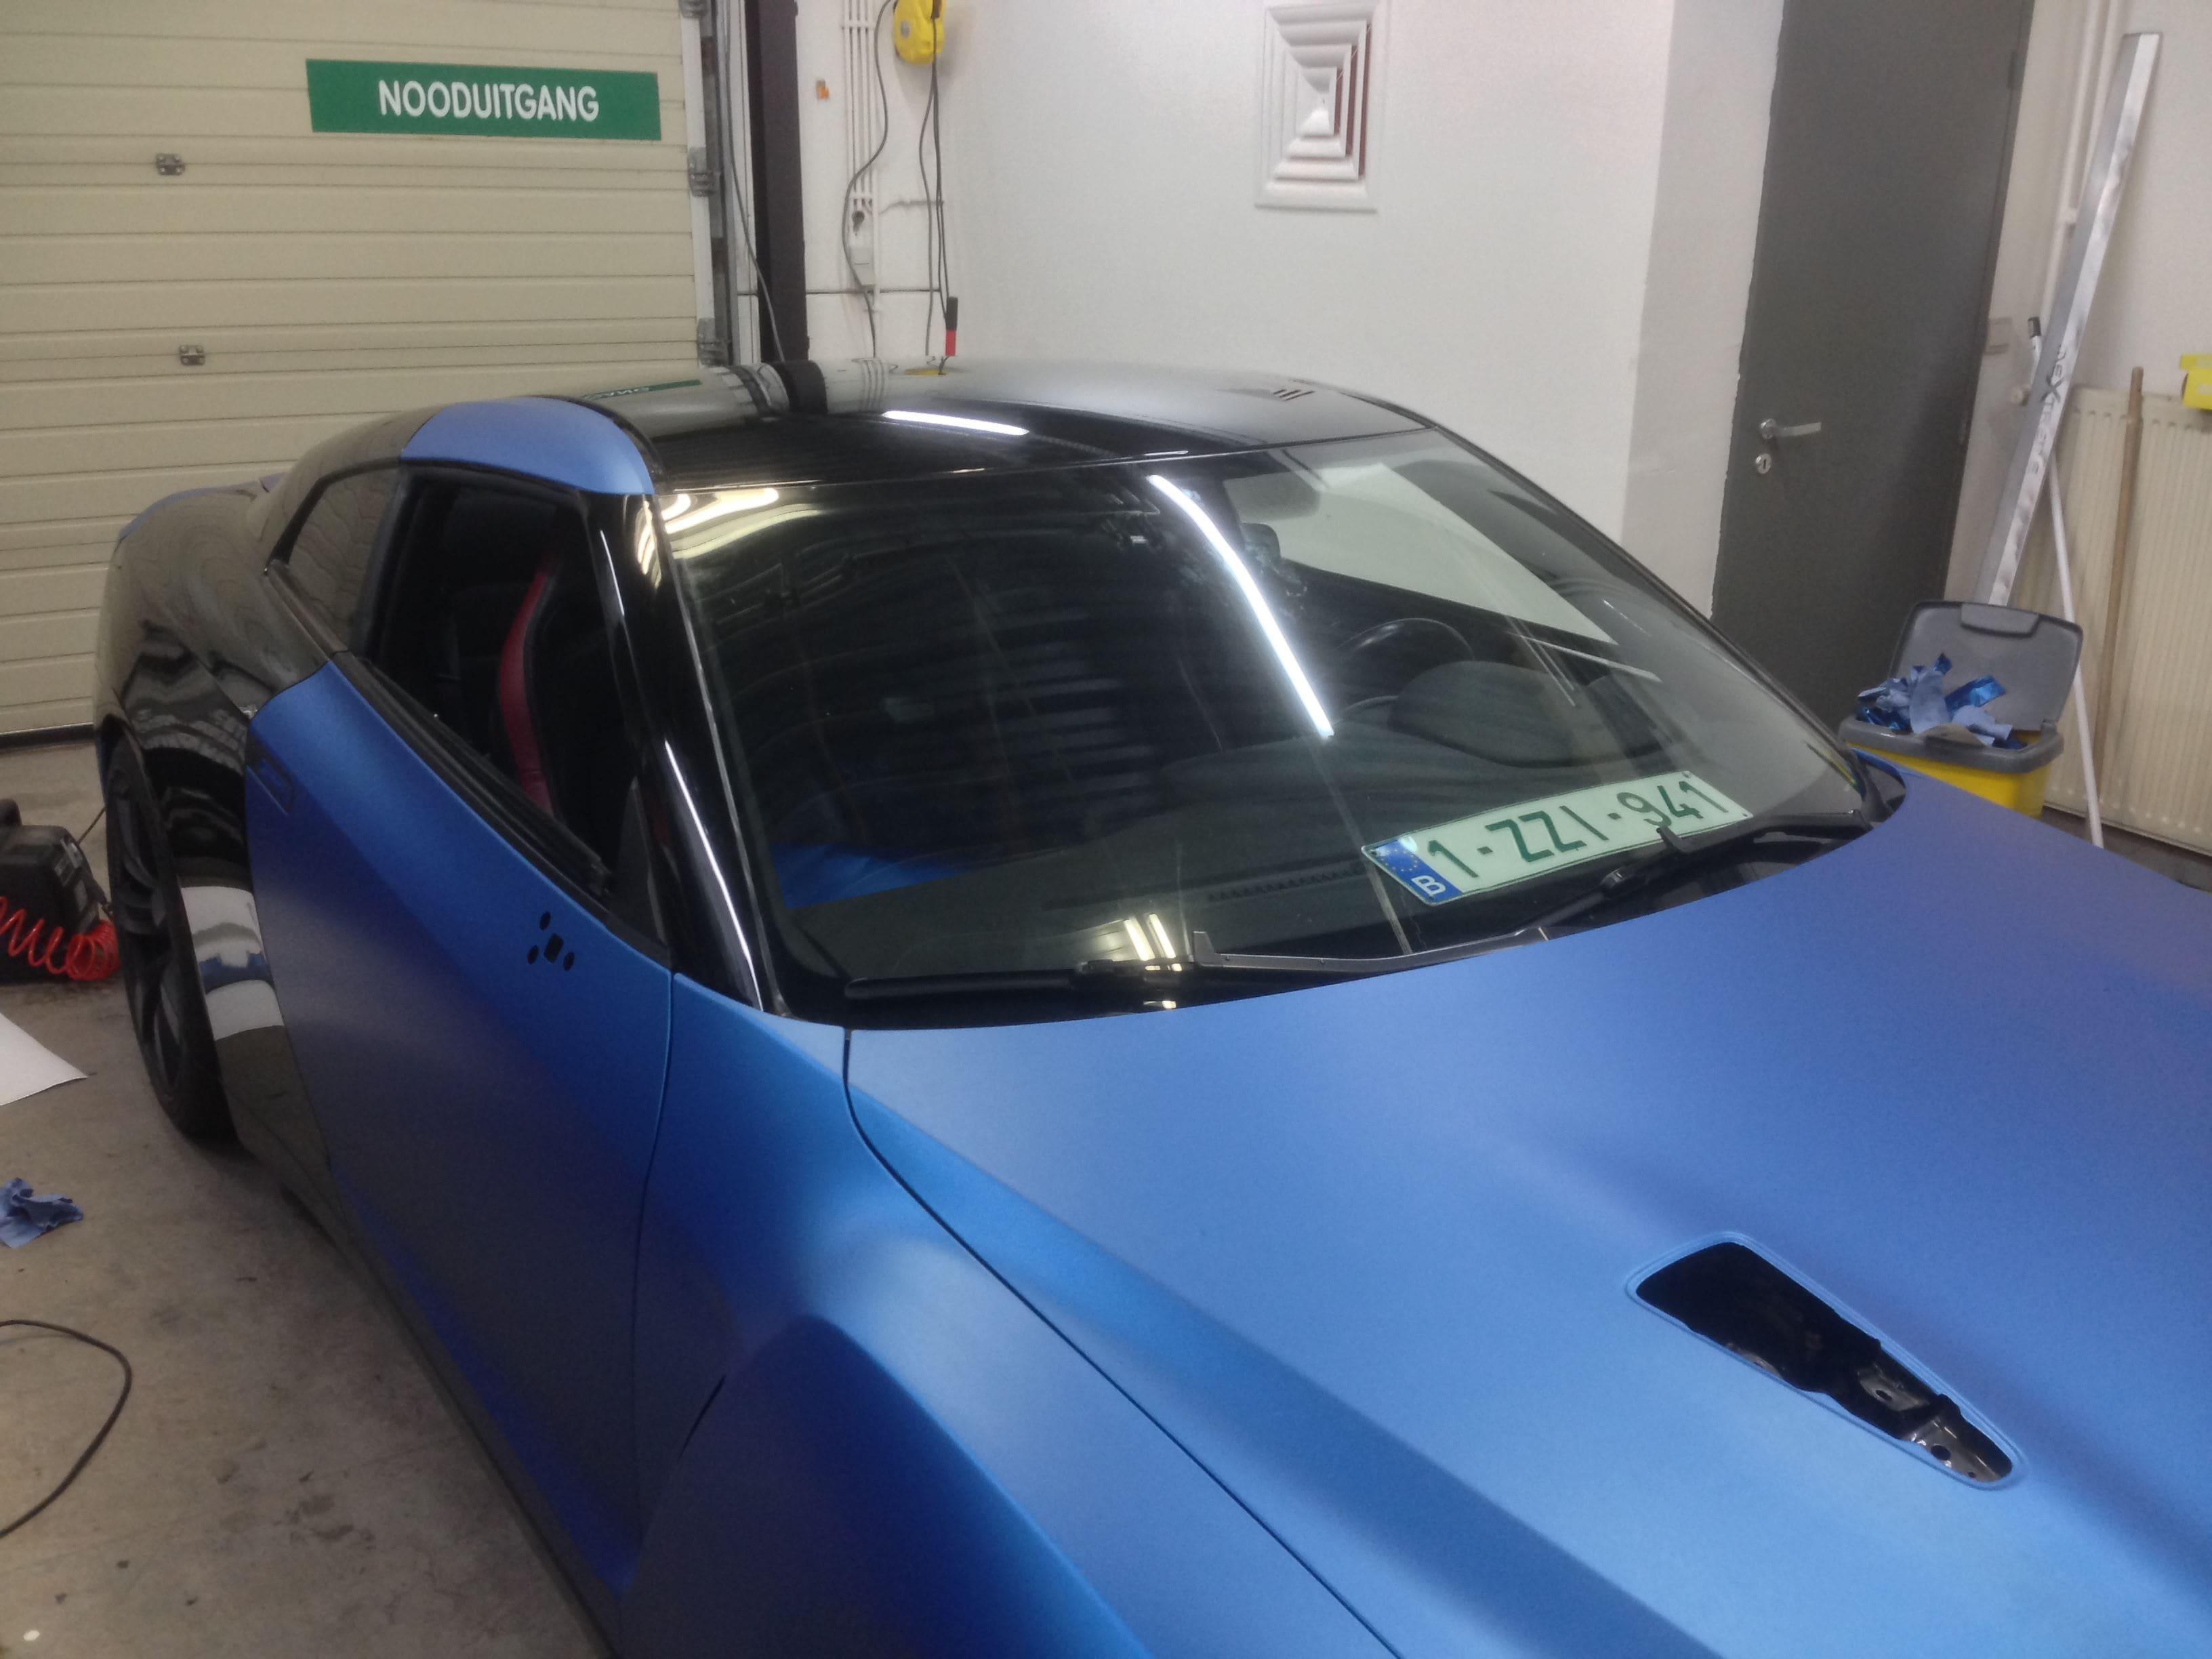 Nissan GT-R in Mat Blauwe Wrap, Carwrapping door Wrapmyride.nu Foto-nr:6522, ©2021